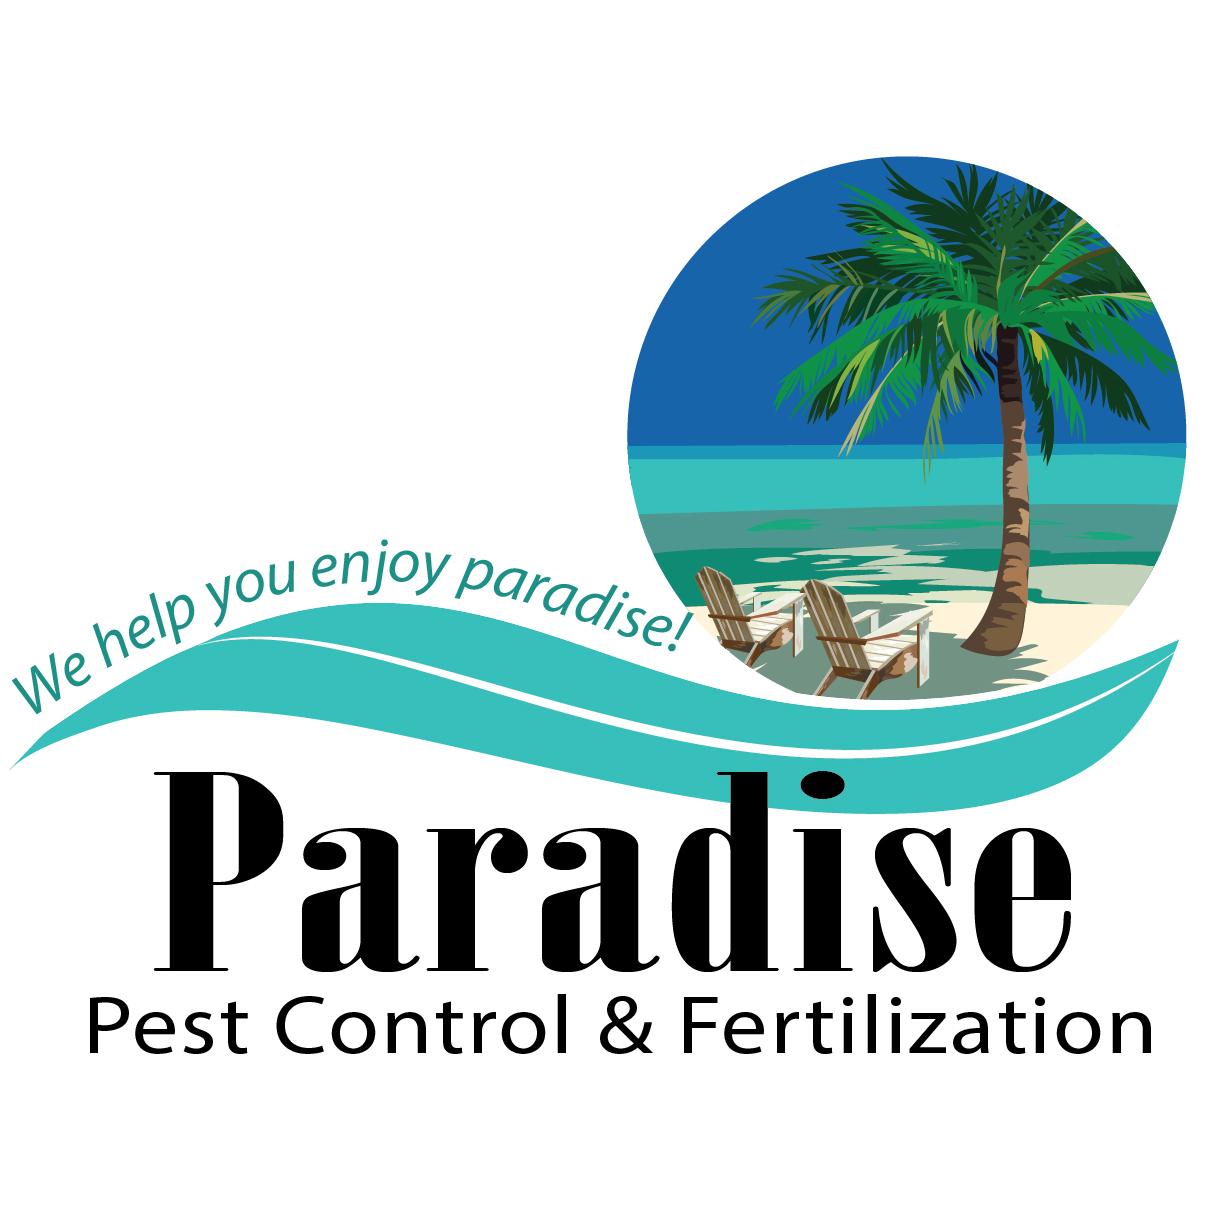 Reviews For Paradise Pest Control Fertilization